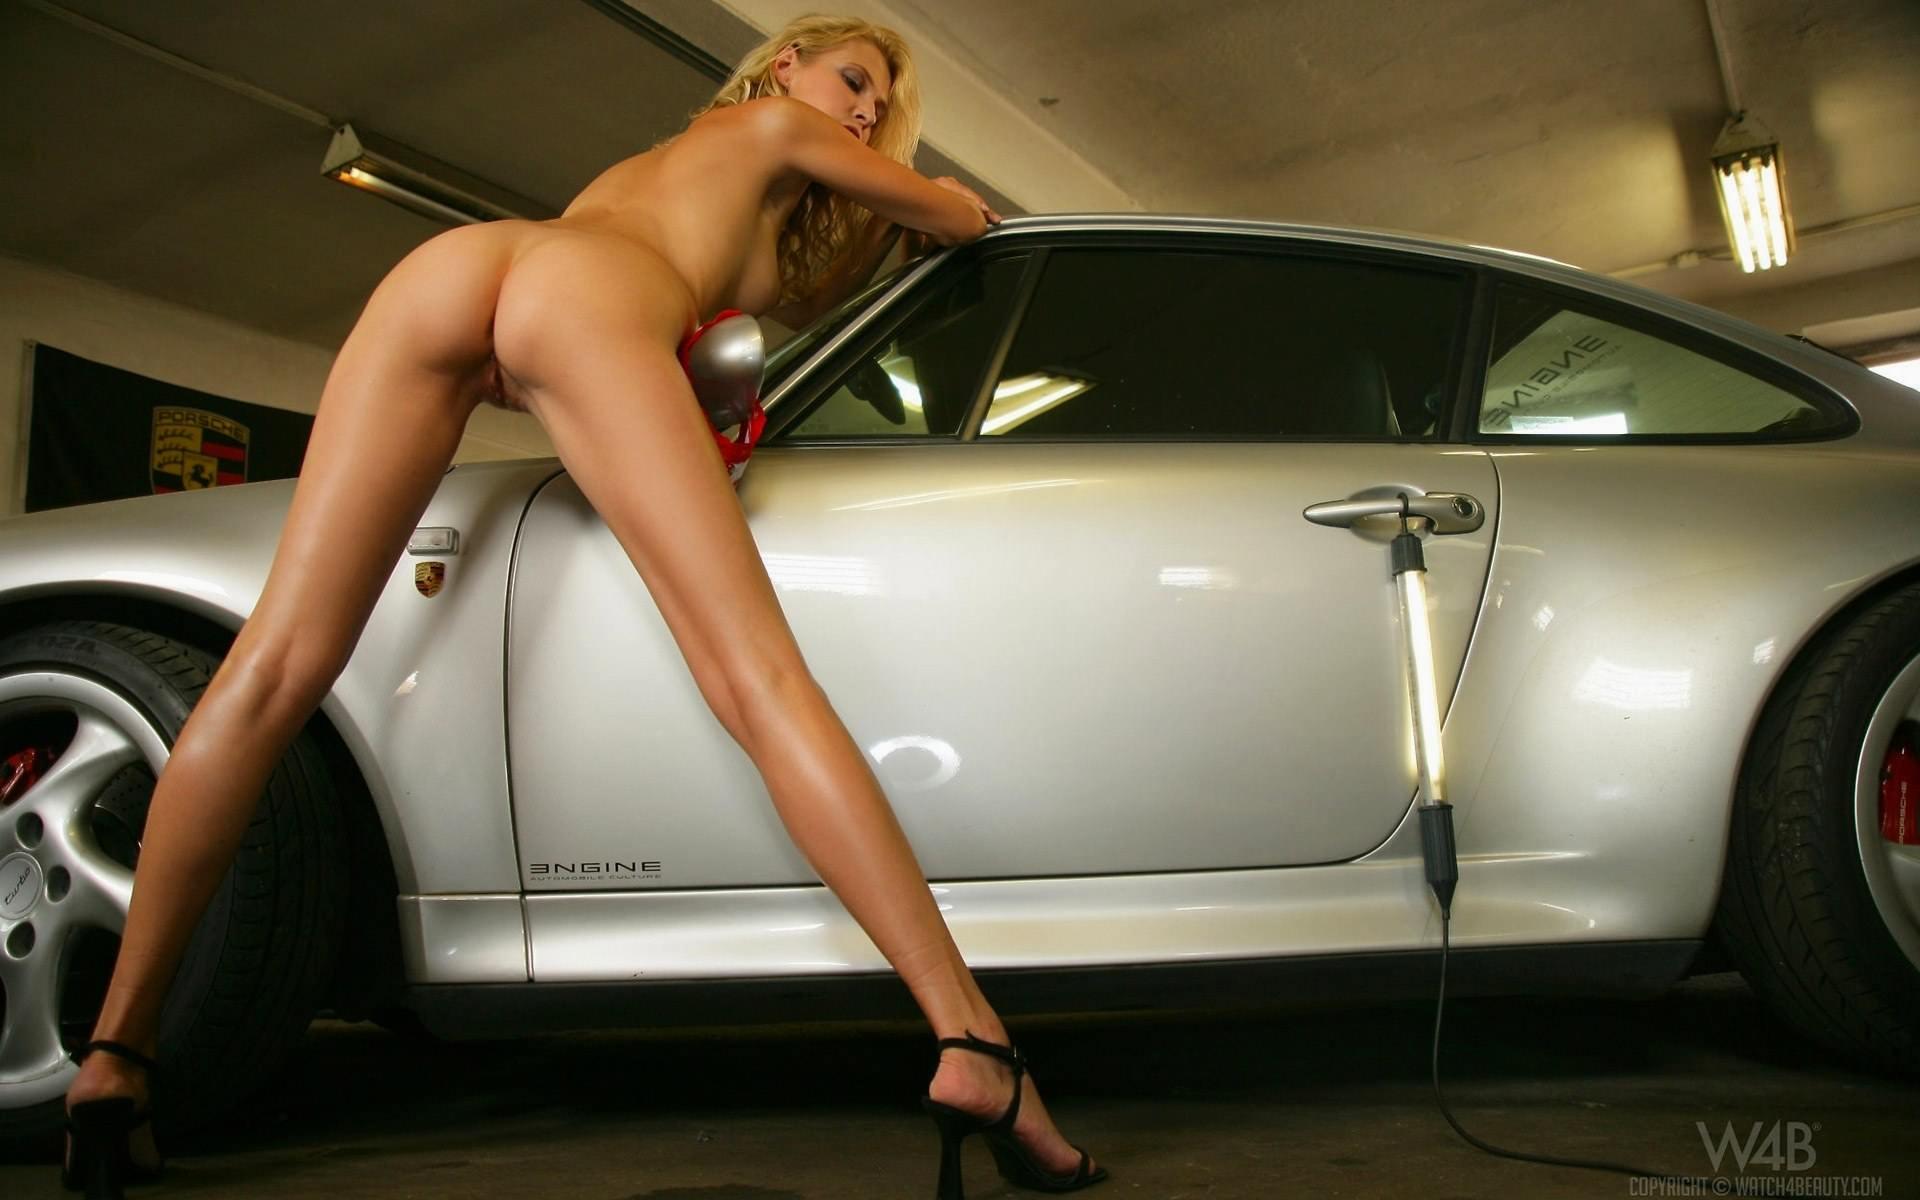 Смотреть бесплатно порно автогонщика с блондинкой у машины 5 фотография